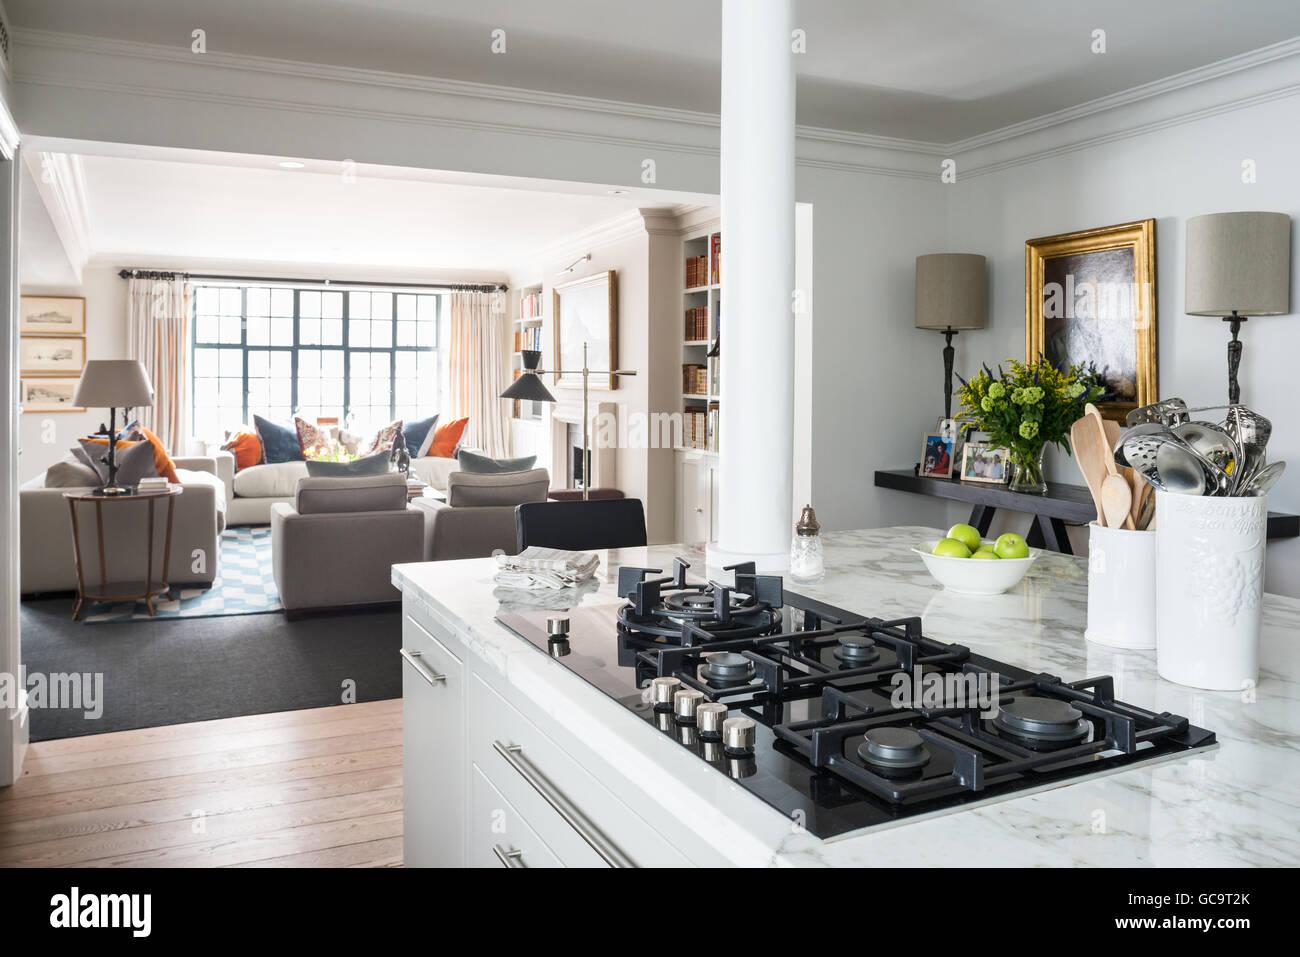 Offene moderne Küche, entworfen von Stephanie mahnen im Raum mit ...